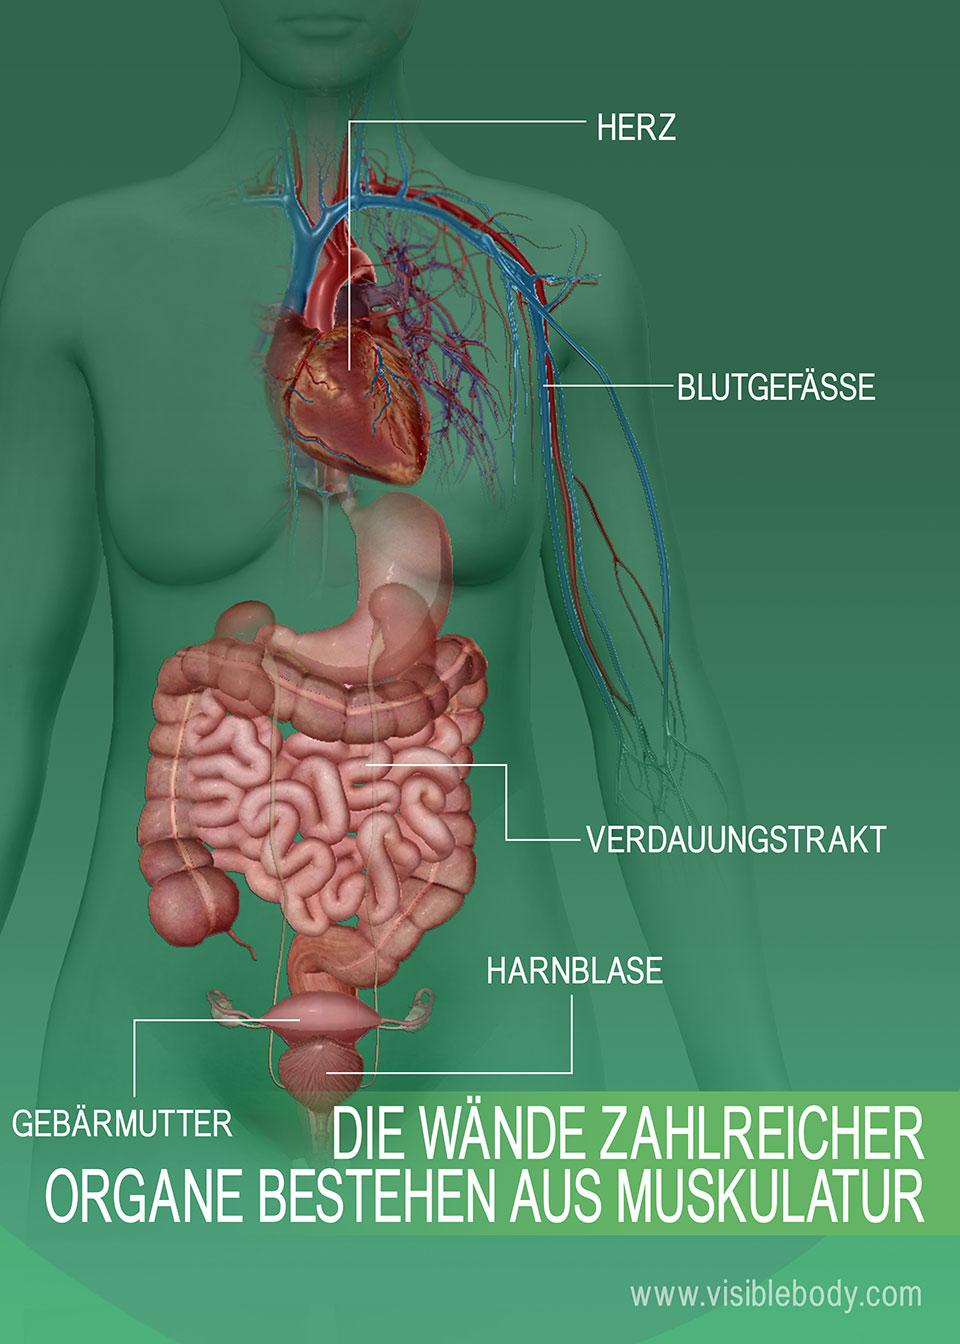 6C-Wände-vieler-Organe-sind-aus-Muskeln-aufgebaut